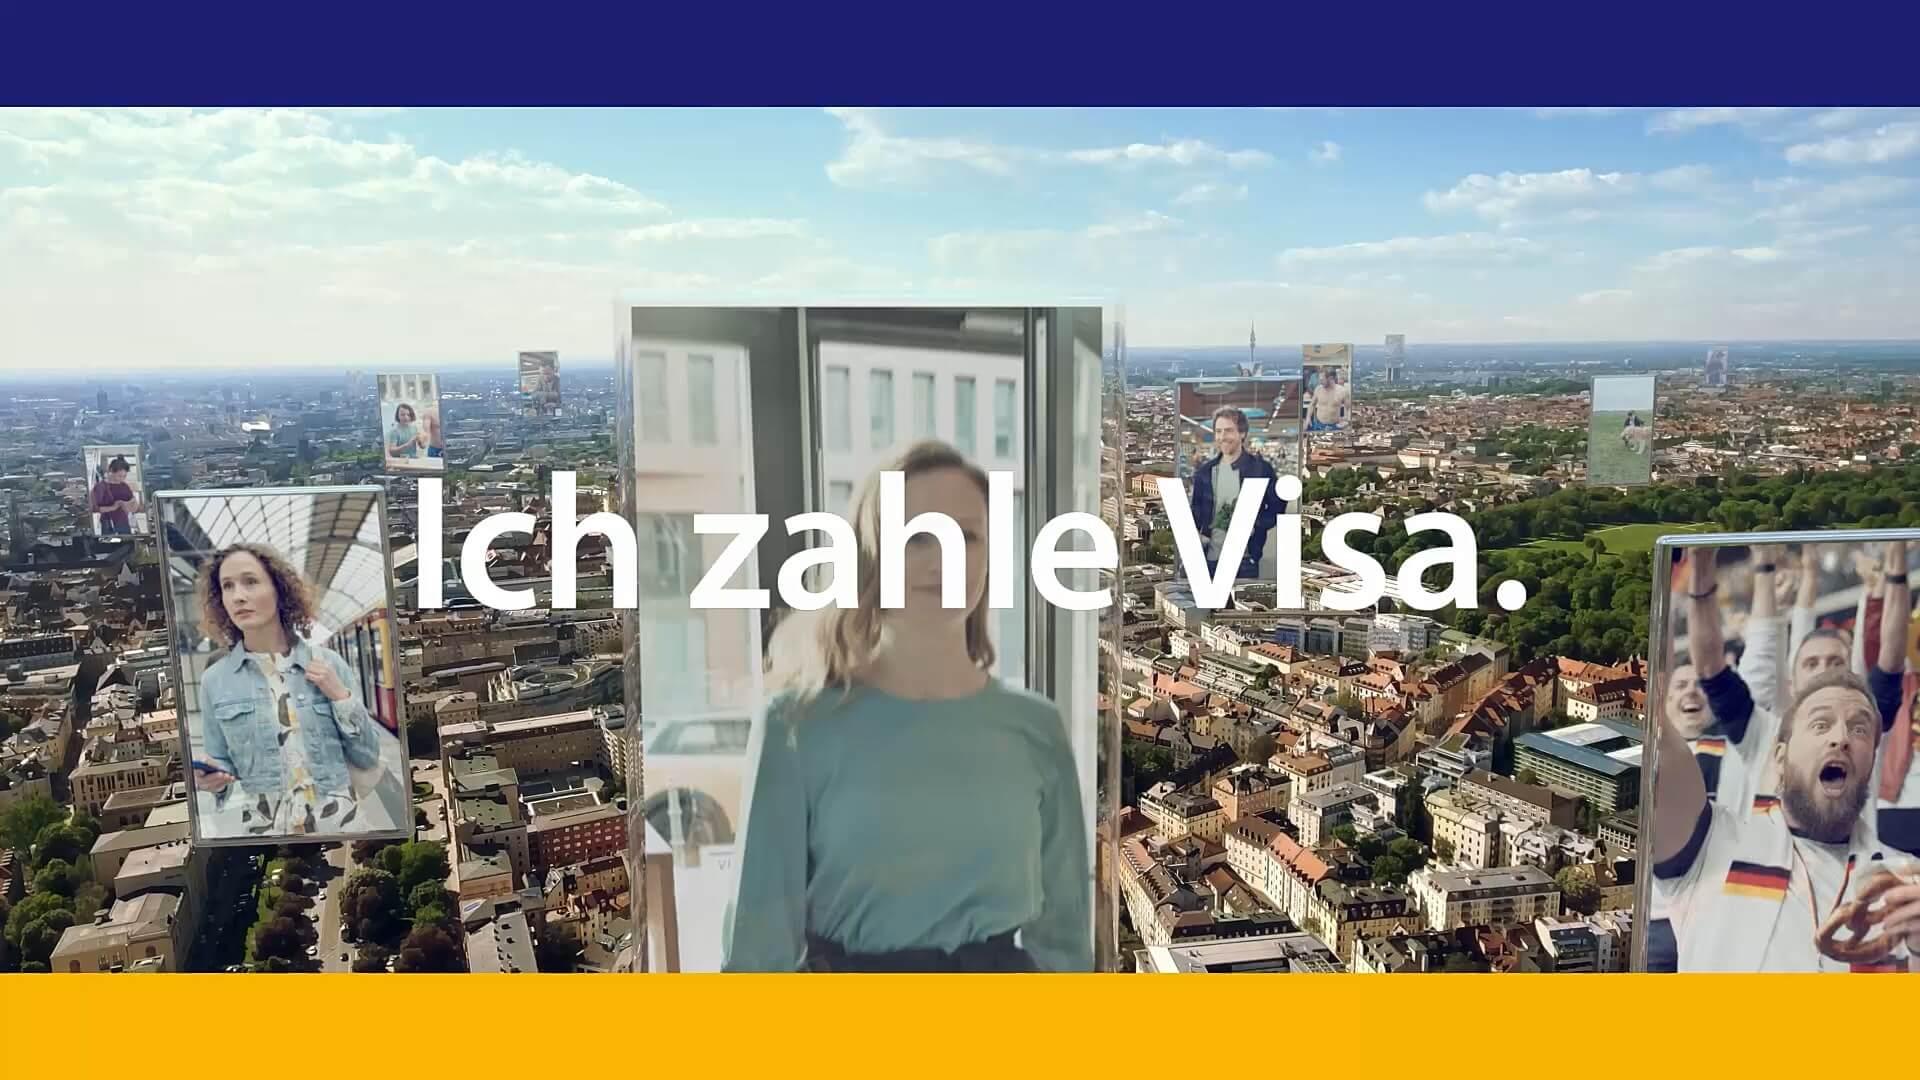 Ich zahle Visa